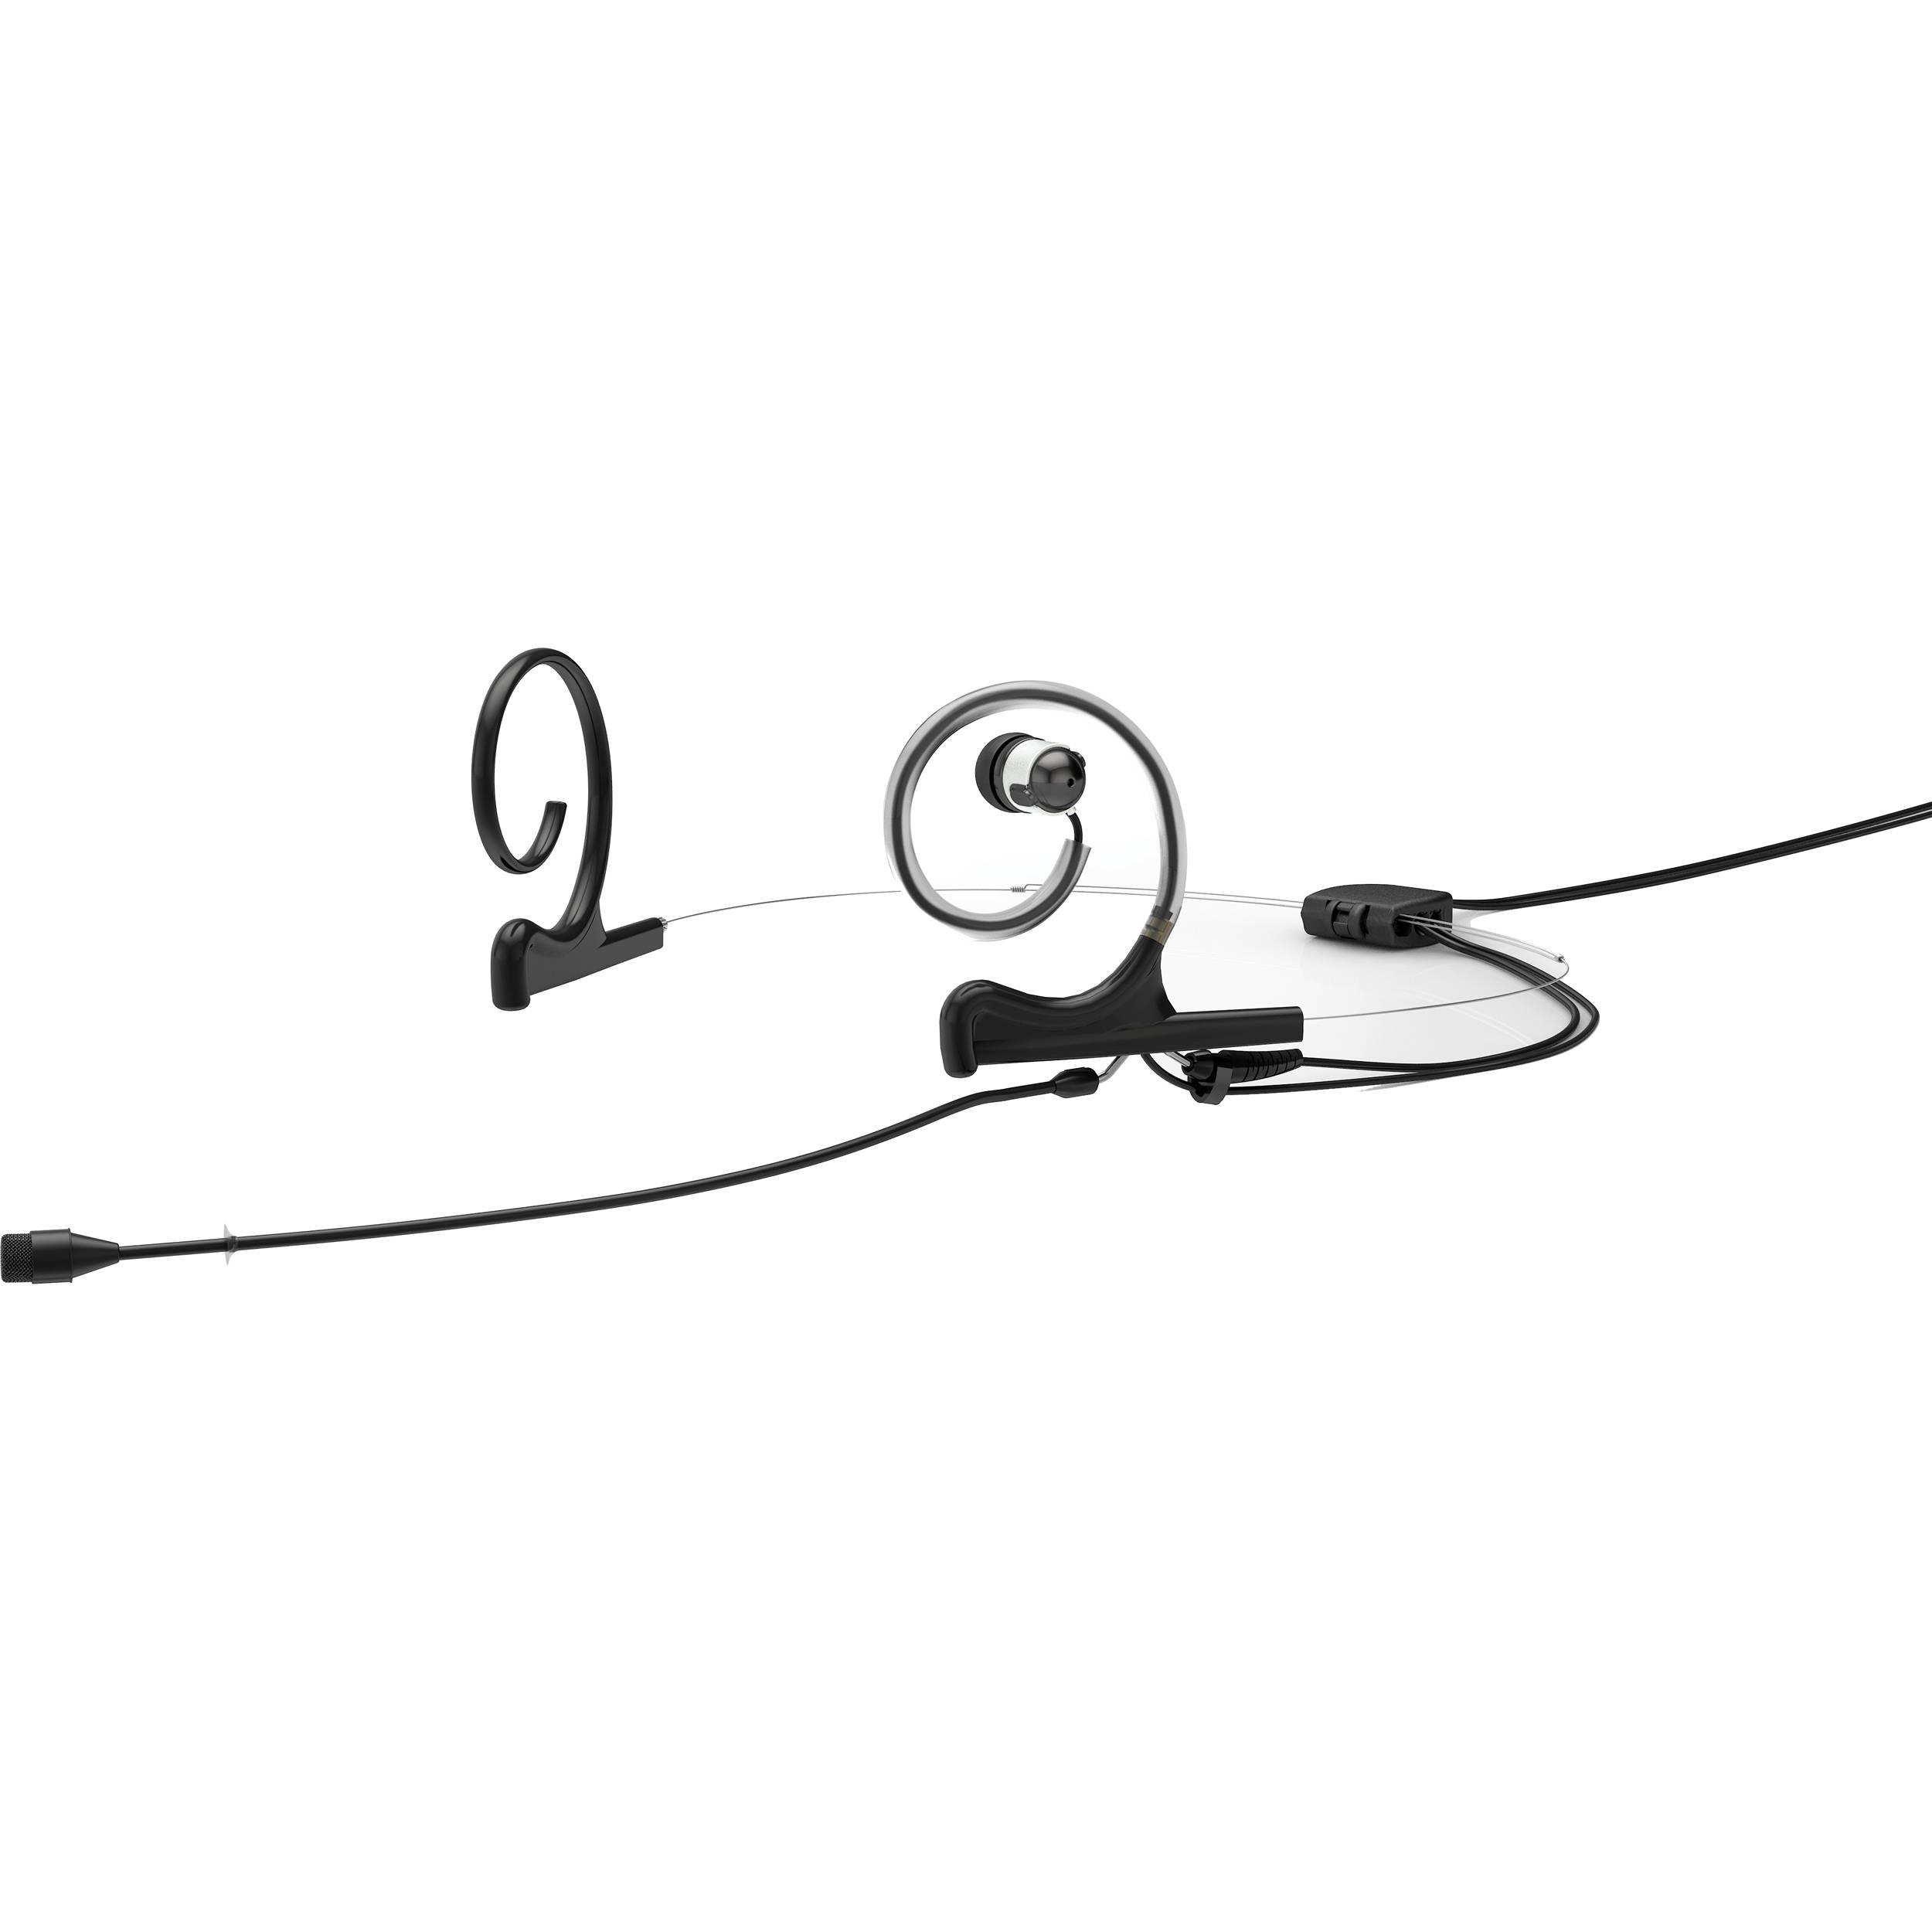 Dpa Microphones D Fine Omni In Ear Fio66b03 2 Ie1 B B Amp H